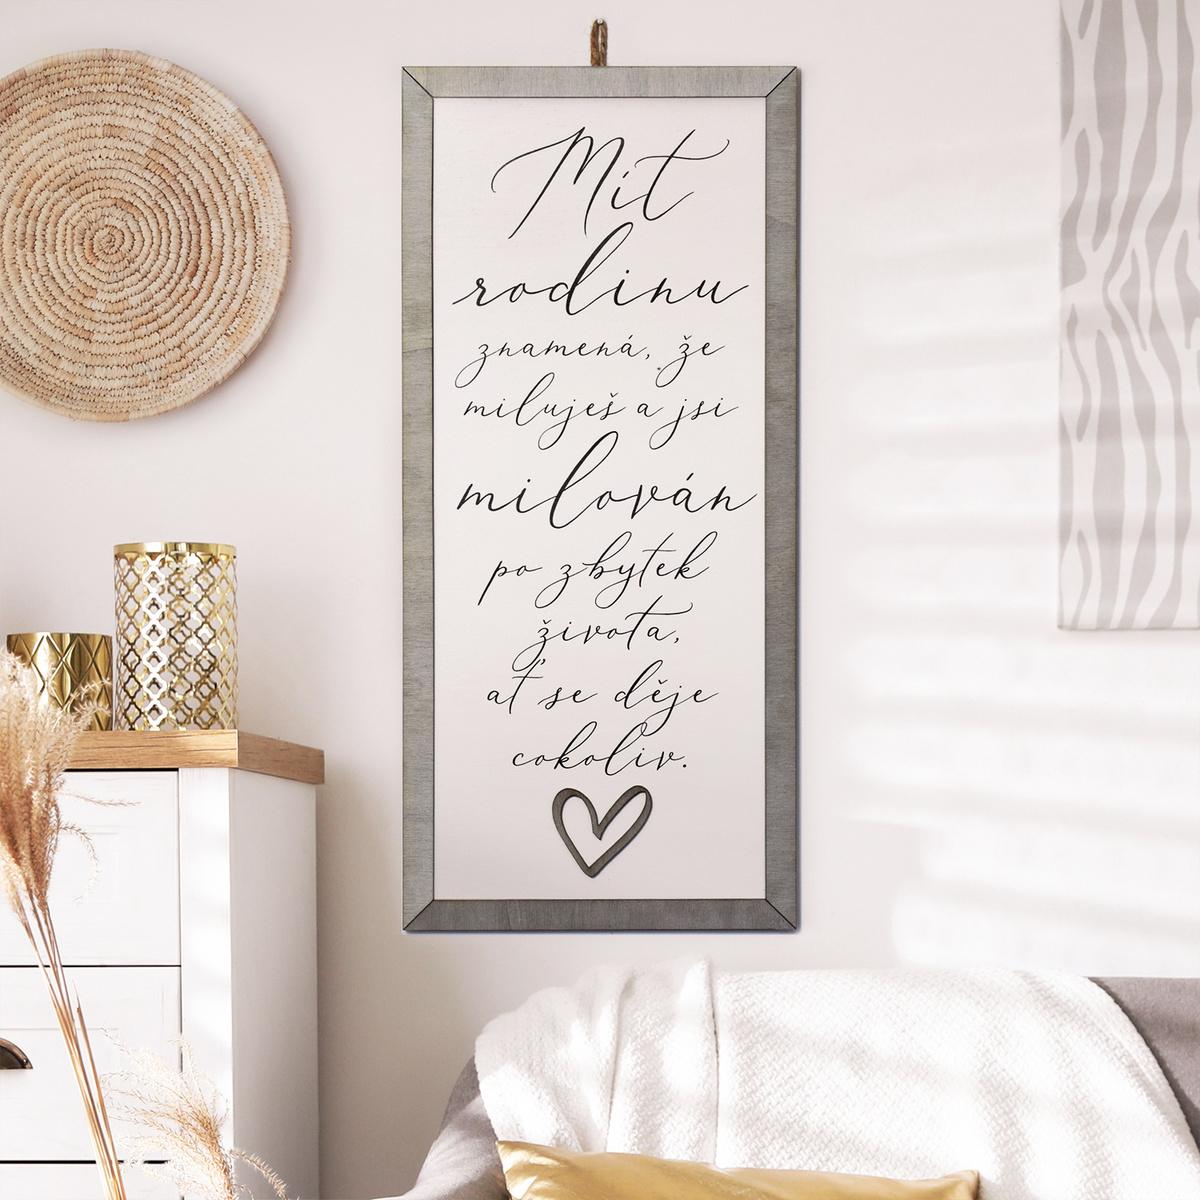 HOUSEDECOR Cedule se srdcem - Mít rodinu znamená...